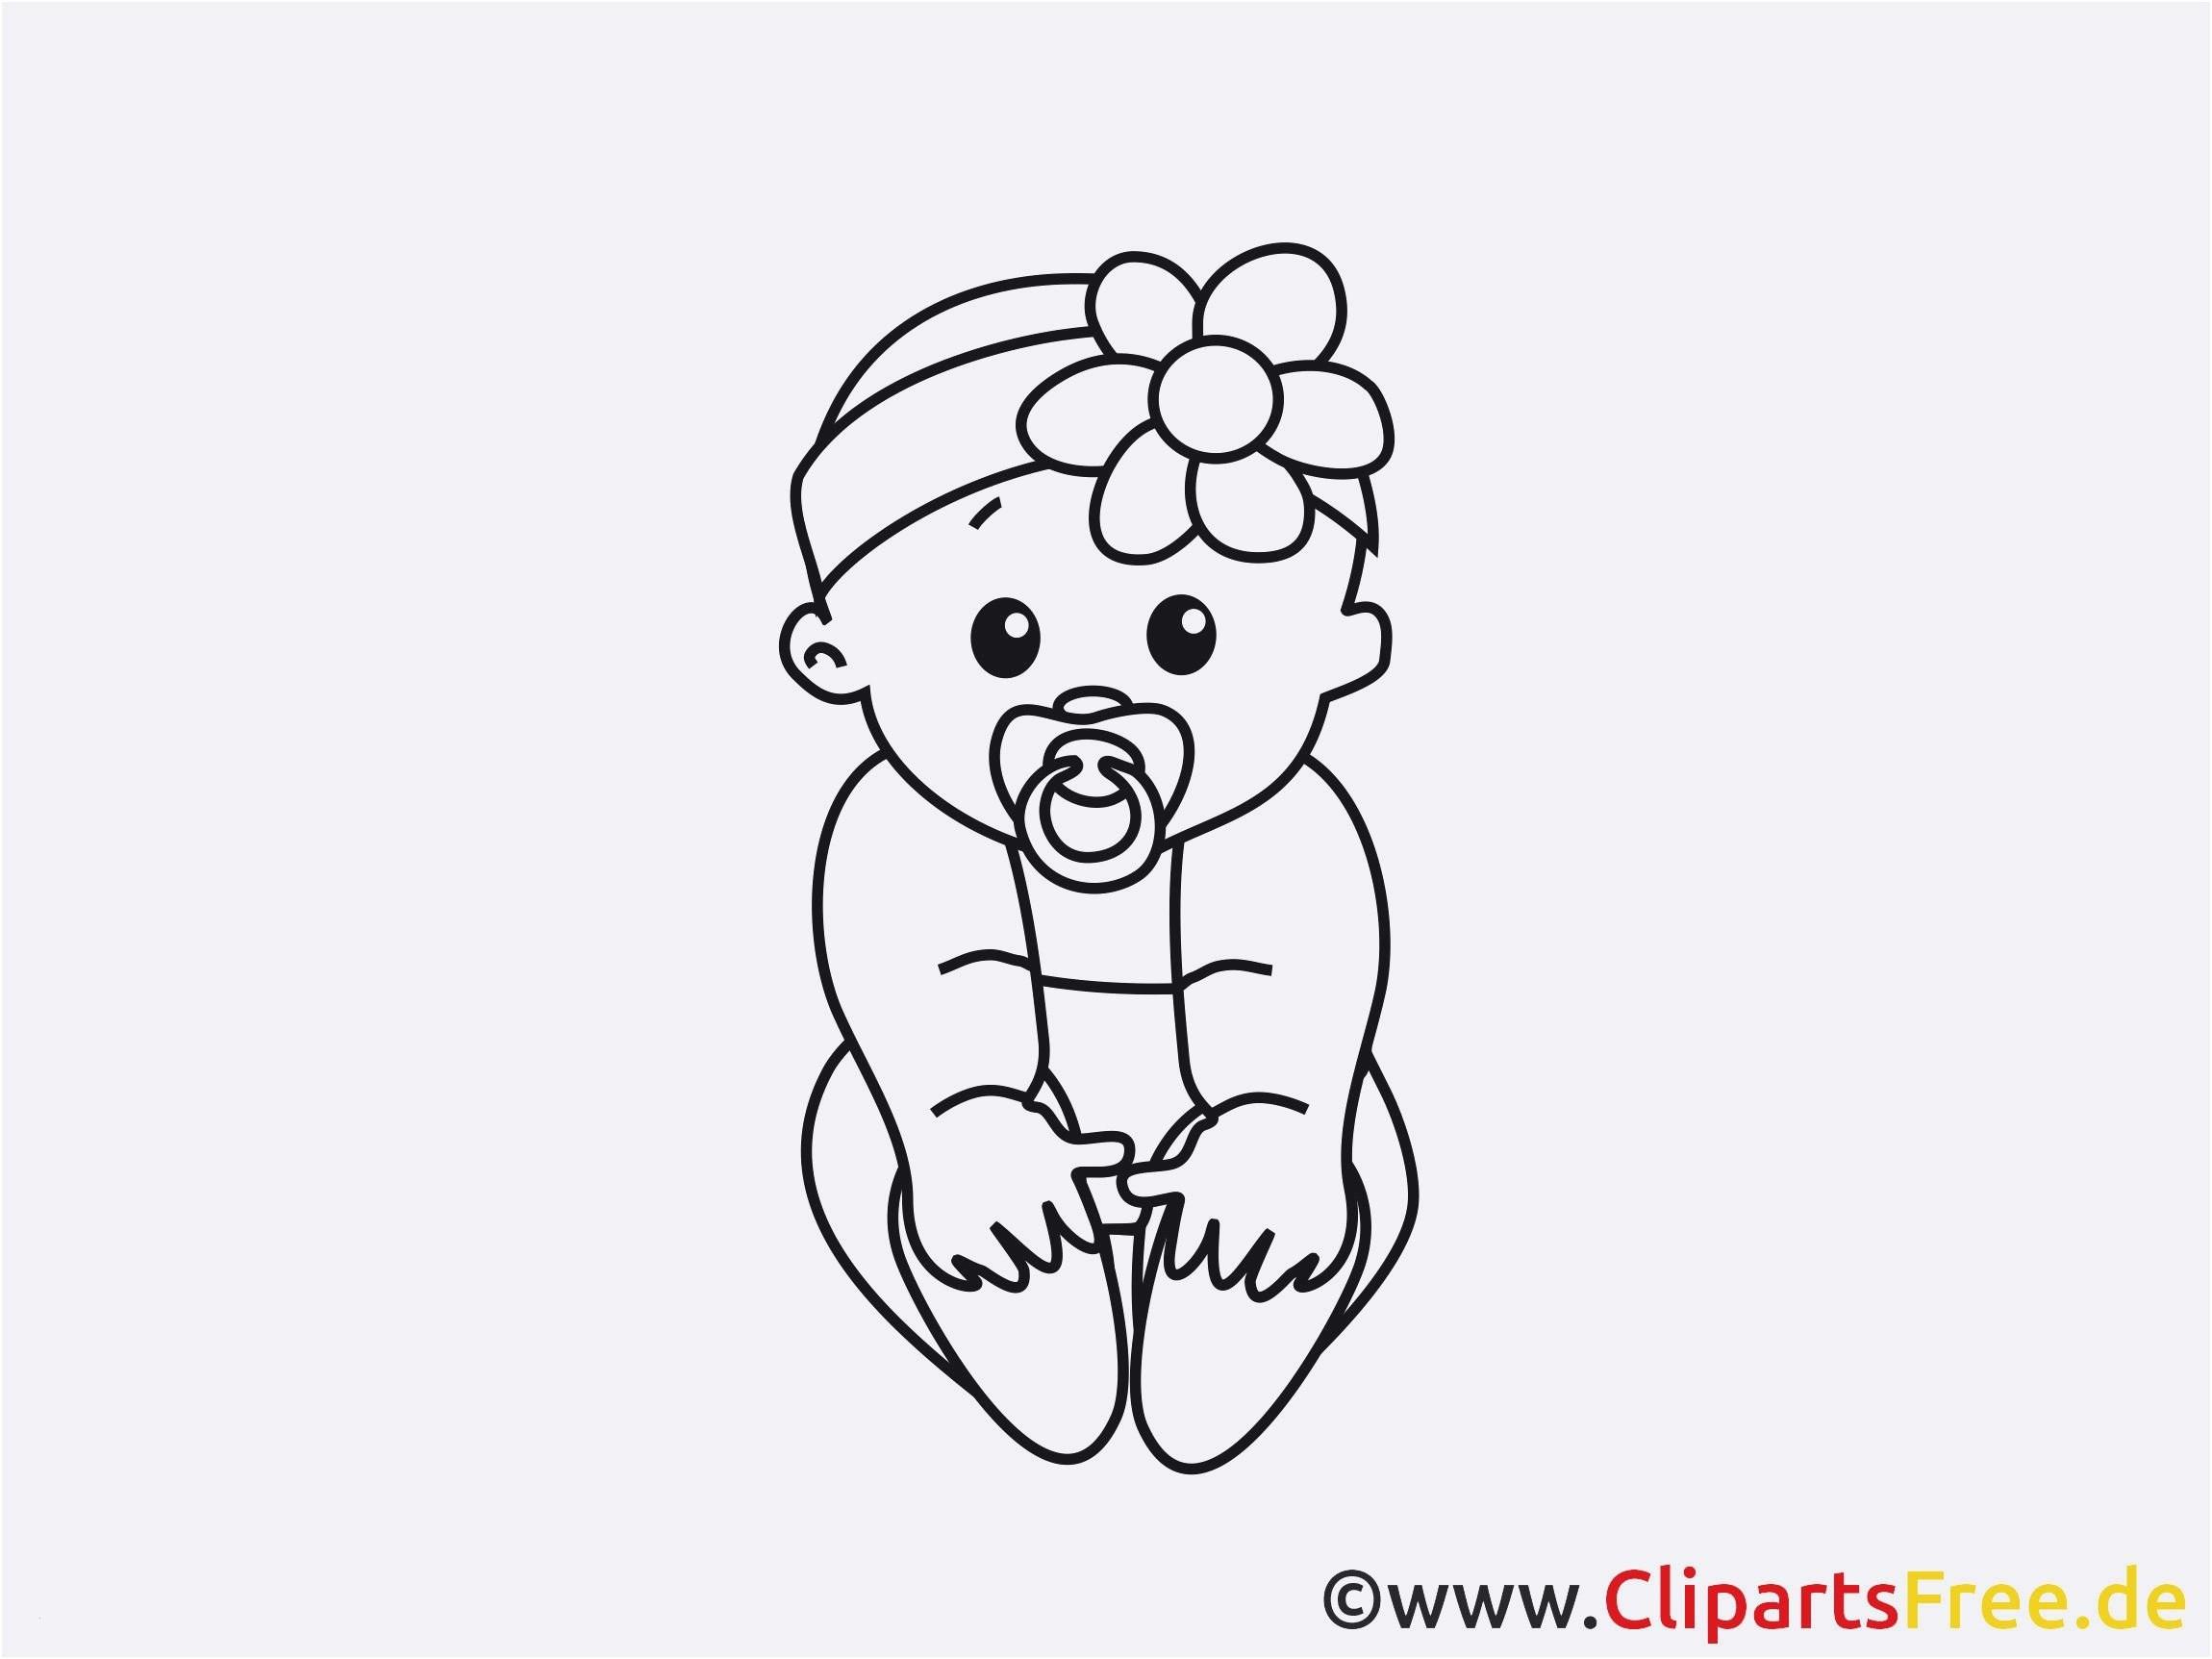 Ausmalbilder Disney Junior Einzigartig Disney Baby Ferkel Malvorlagen Watchonsale Das Bild